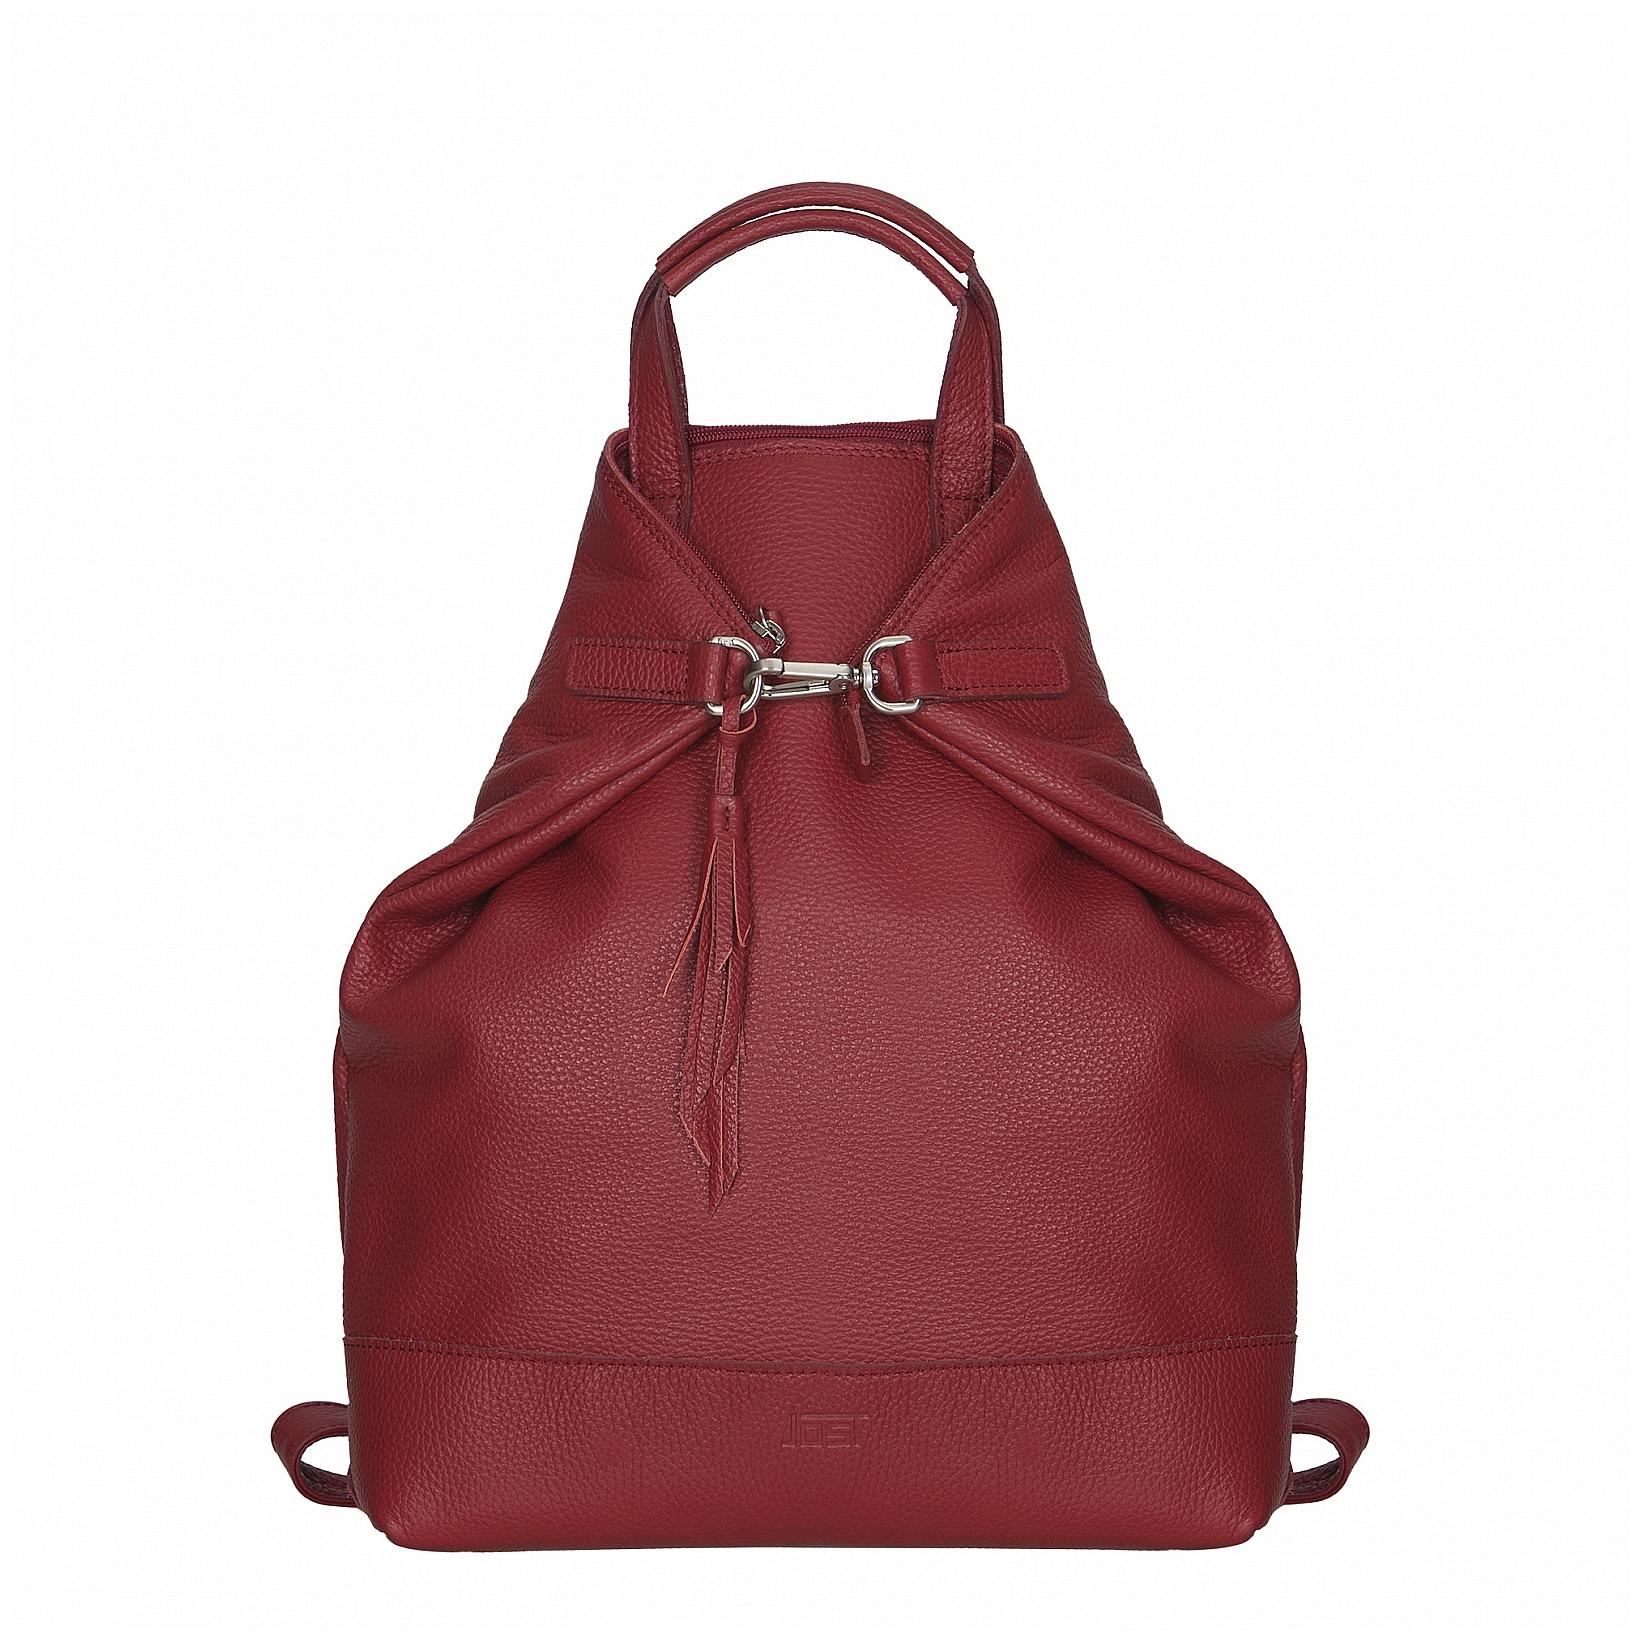 JOST Dámský kožený batoh - kabelka VIKA 1910 X-Change 3in1 červený